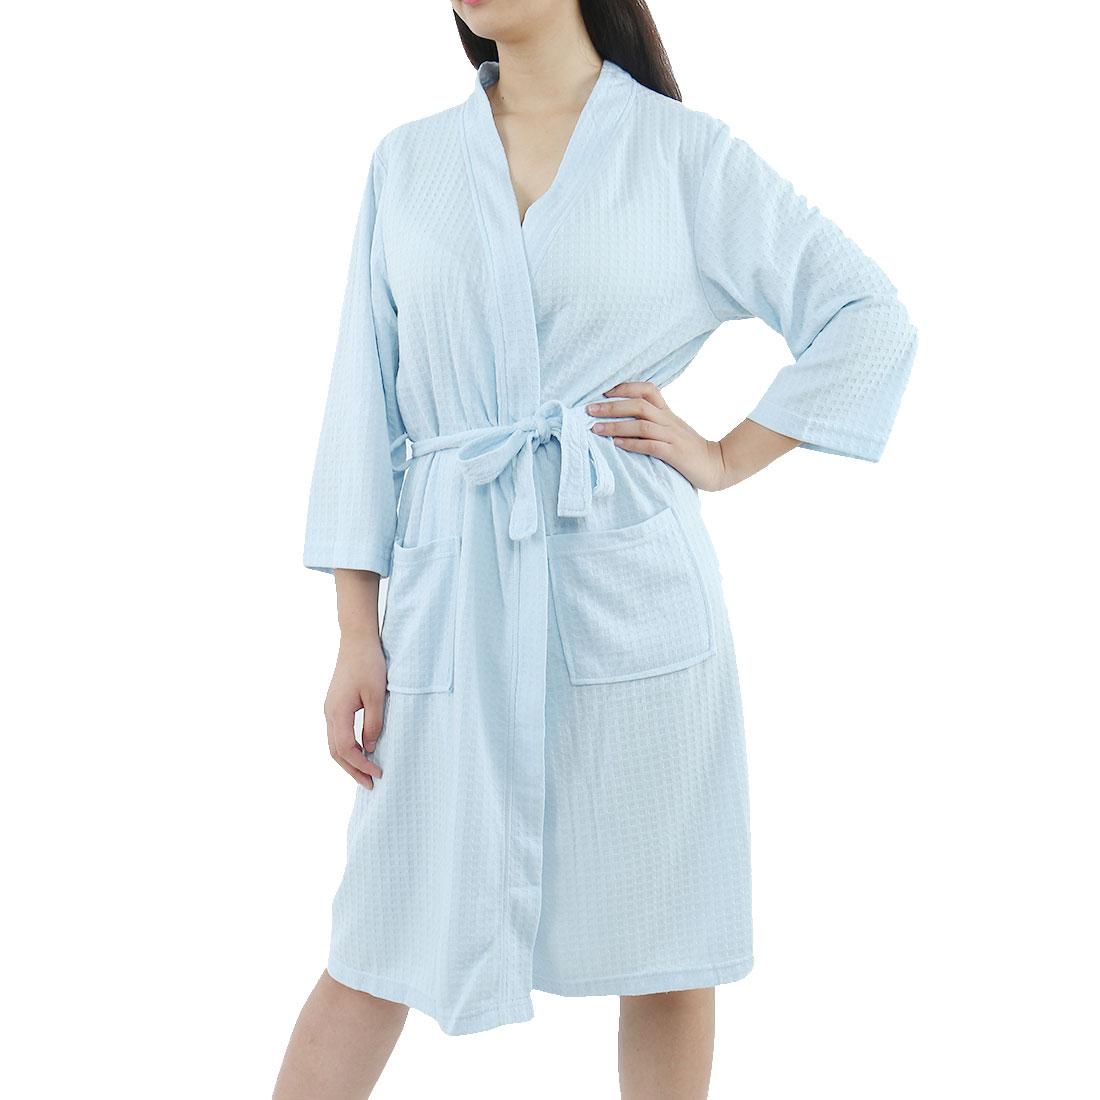 Women's Turkish Cotton Lightweight Soft Warm Kimono Short Robe XL Blue